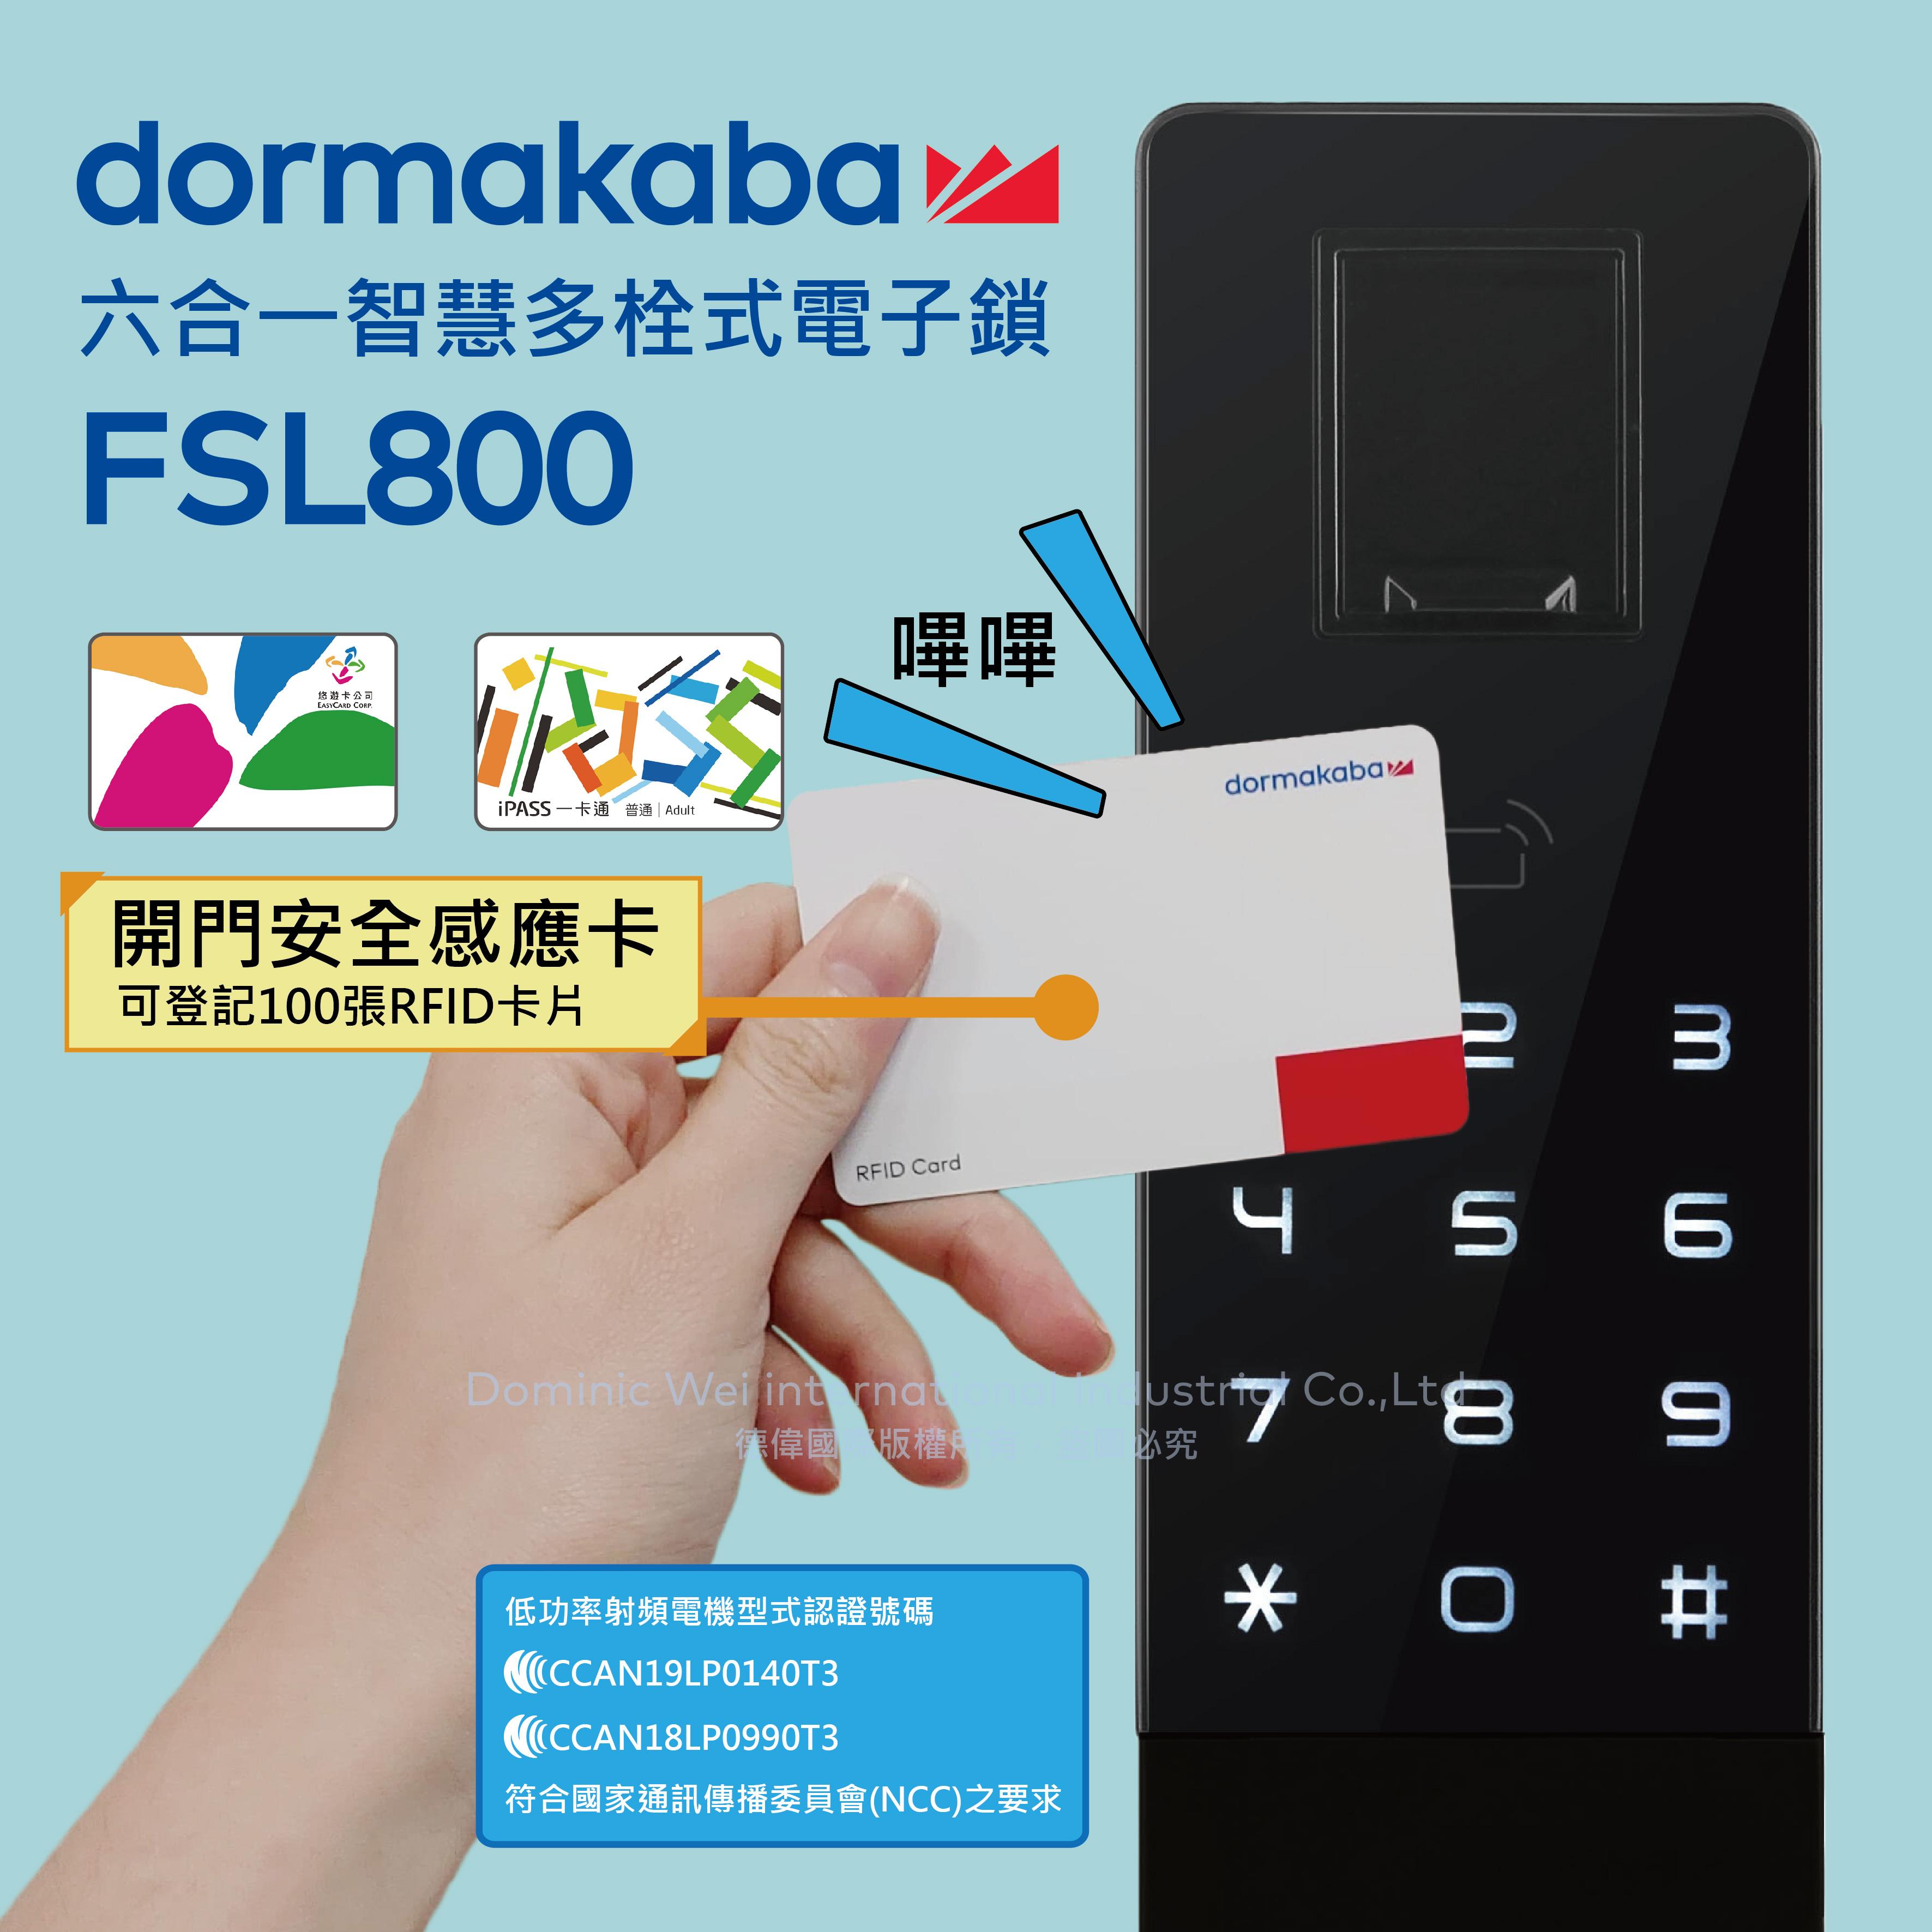 FSL800 bunner簡約版4-01.jpg